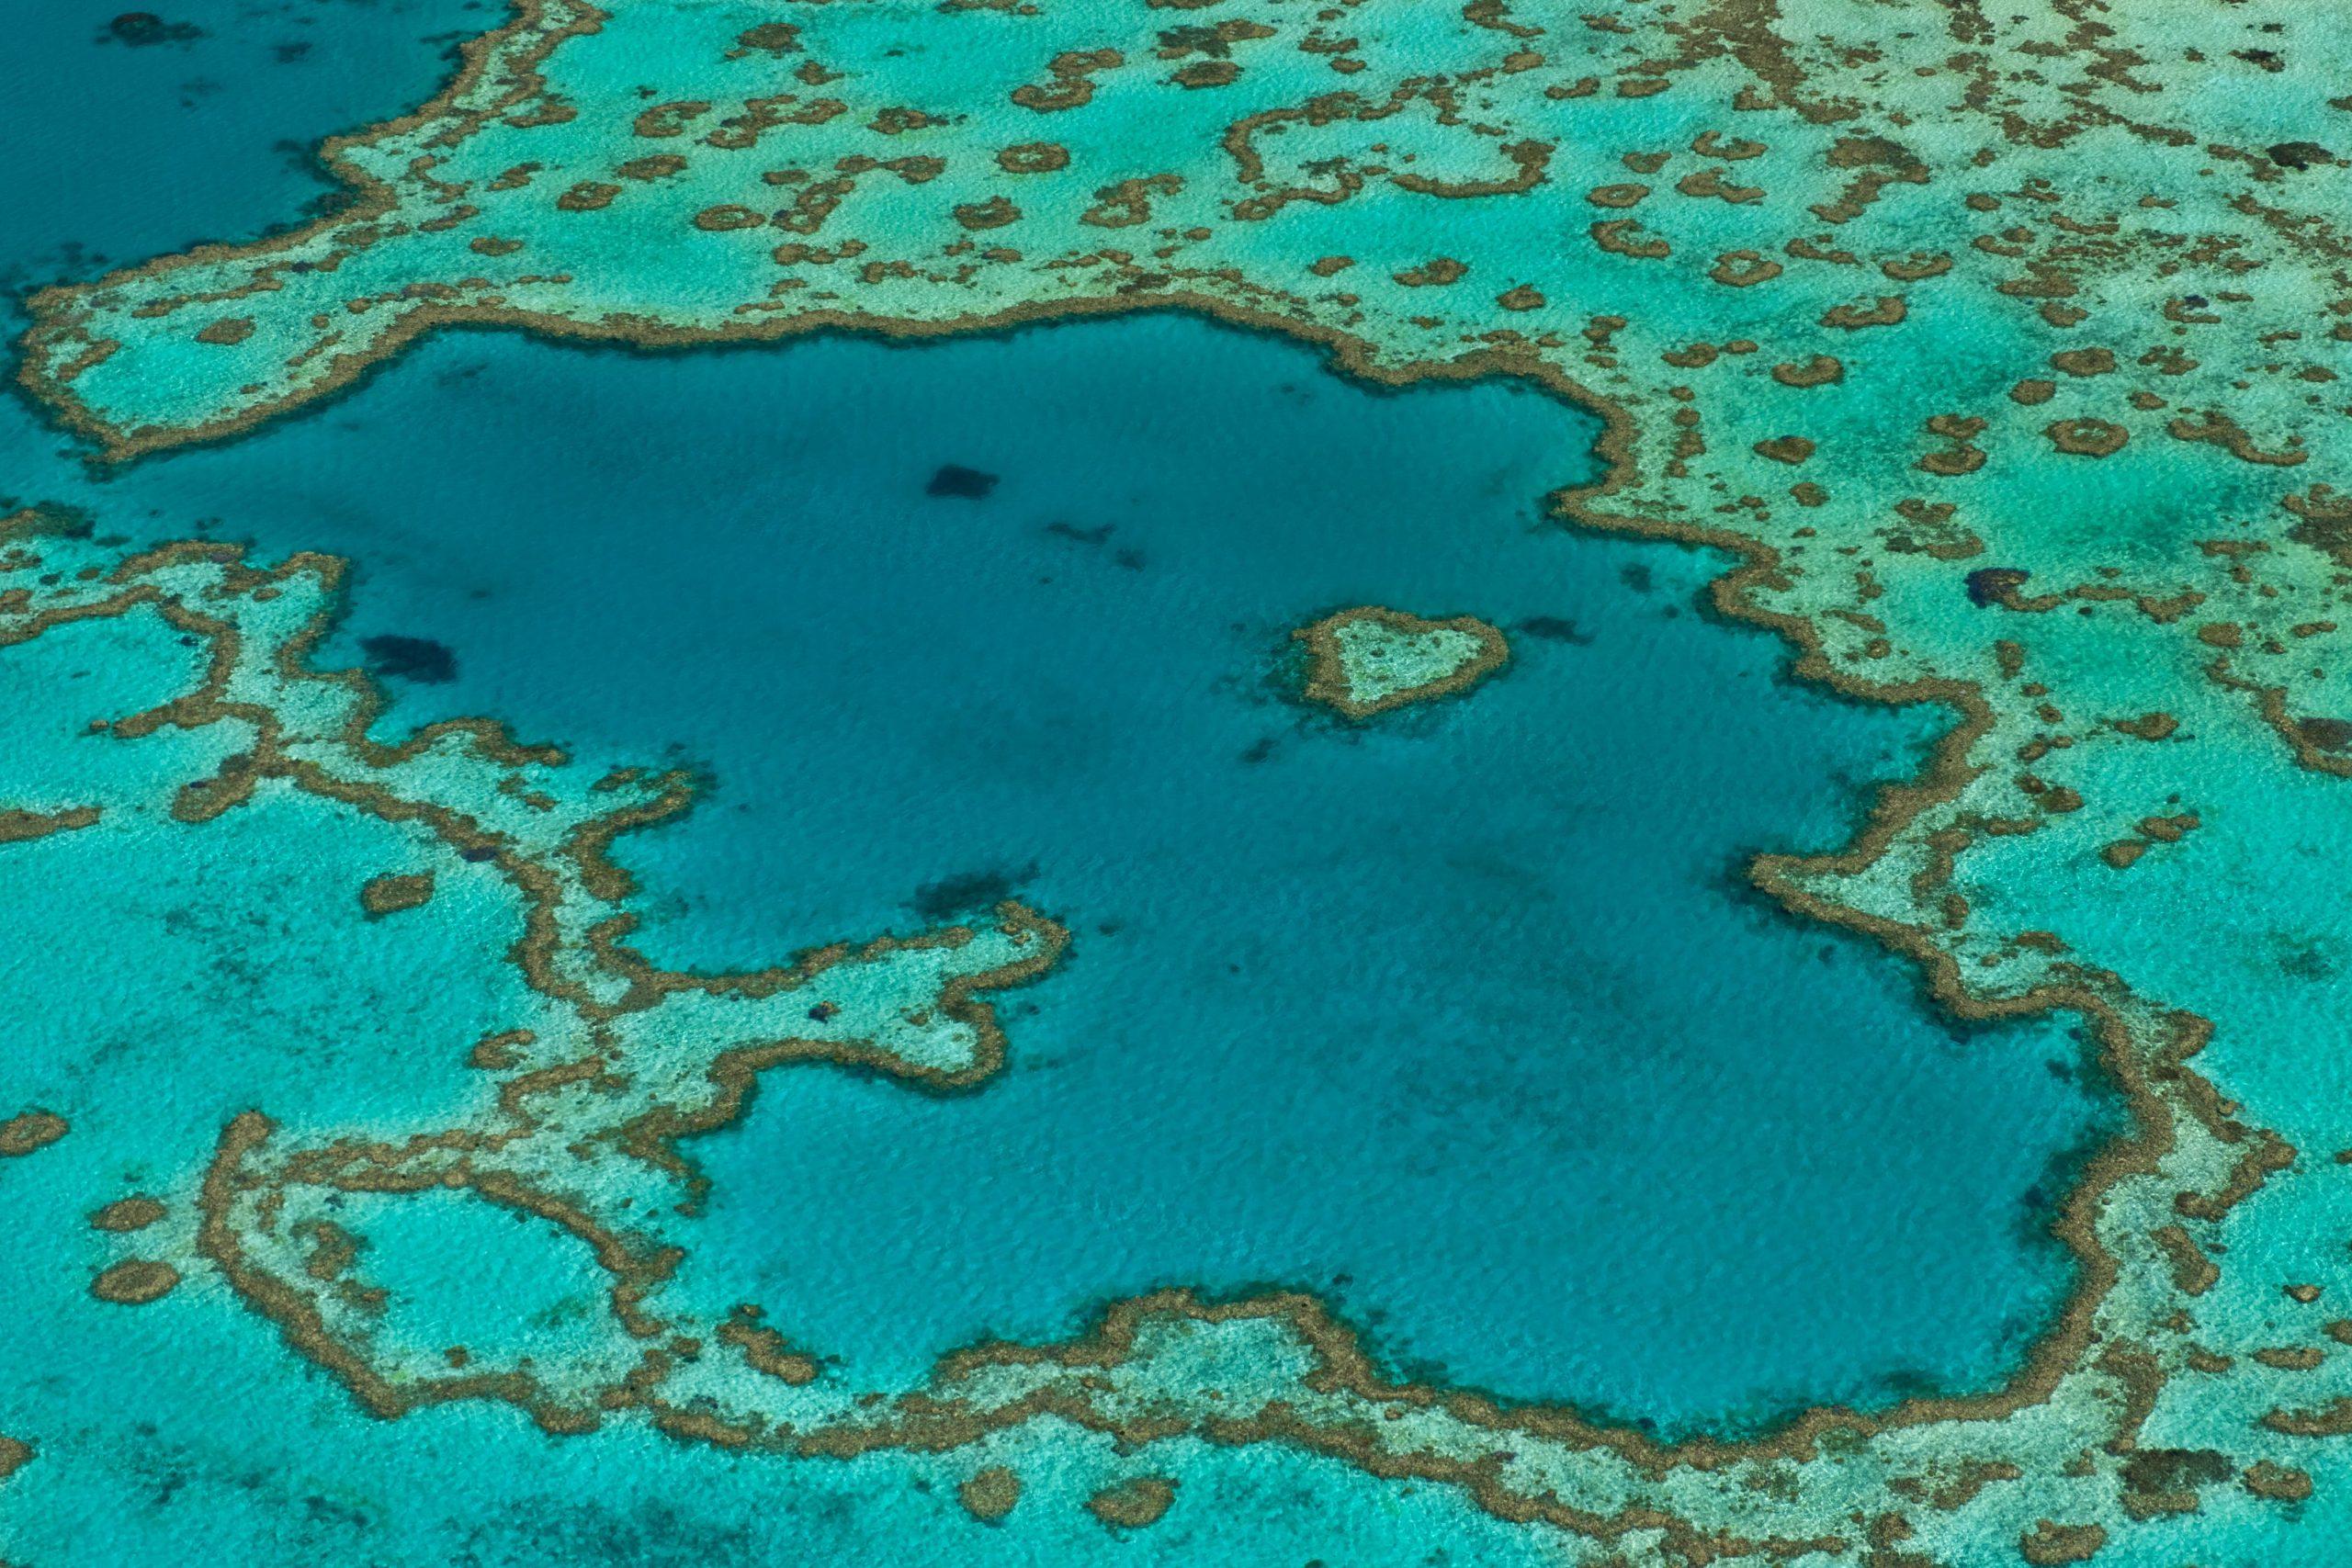 Luftaufnahme vom Great Barrier Reef